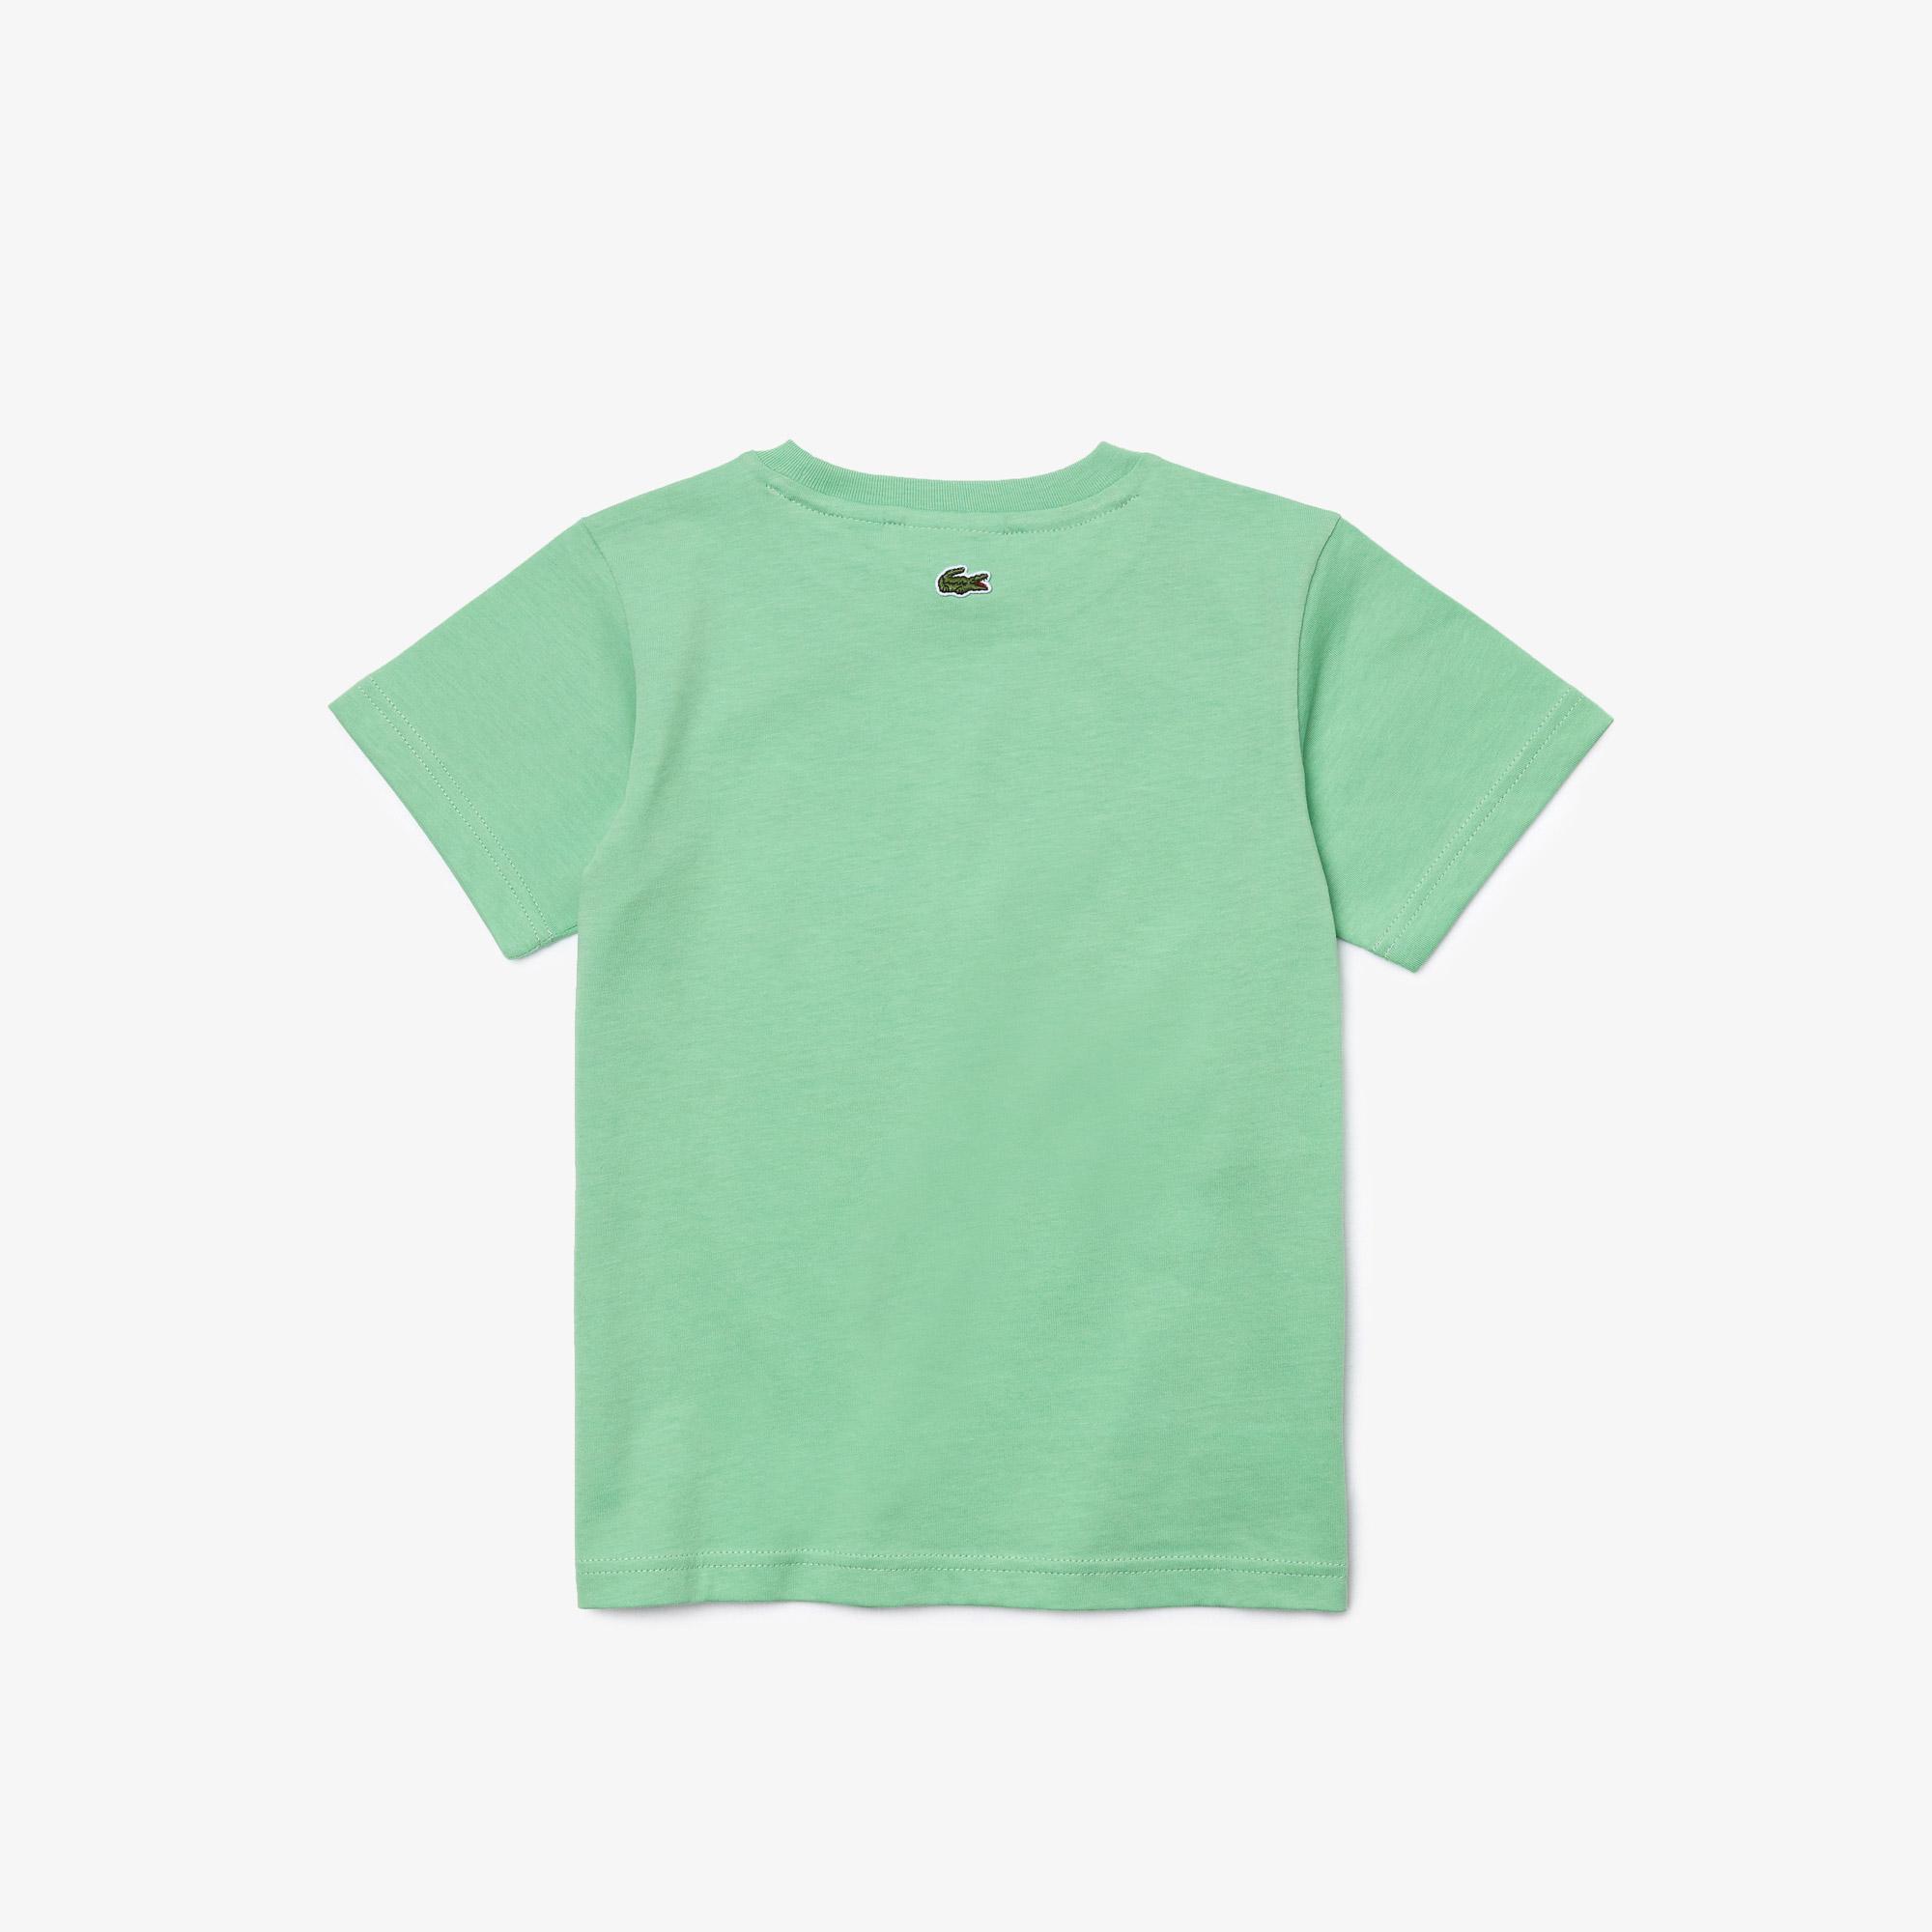 Lacoste Çocuk Bisiklet Yaka Baskılı Yeşil T-Shirt